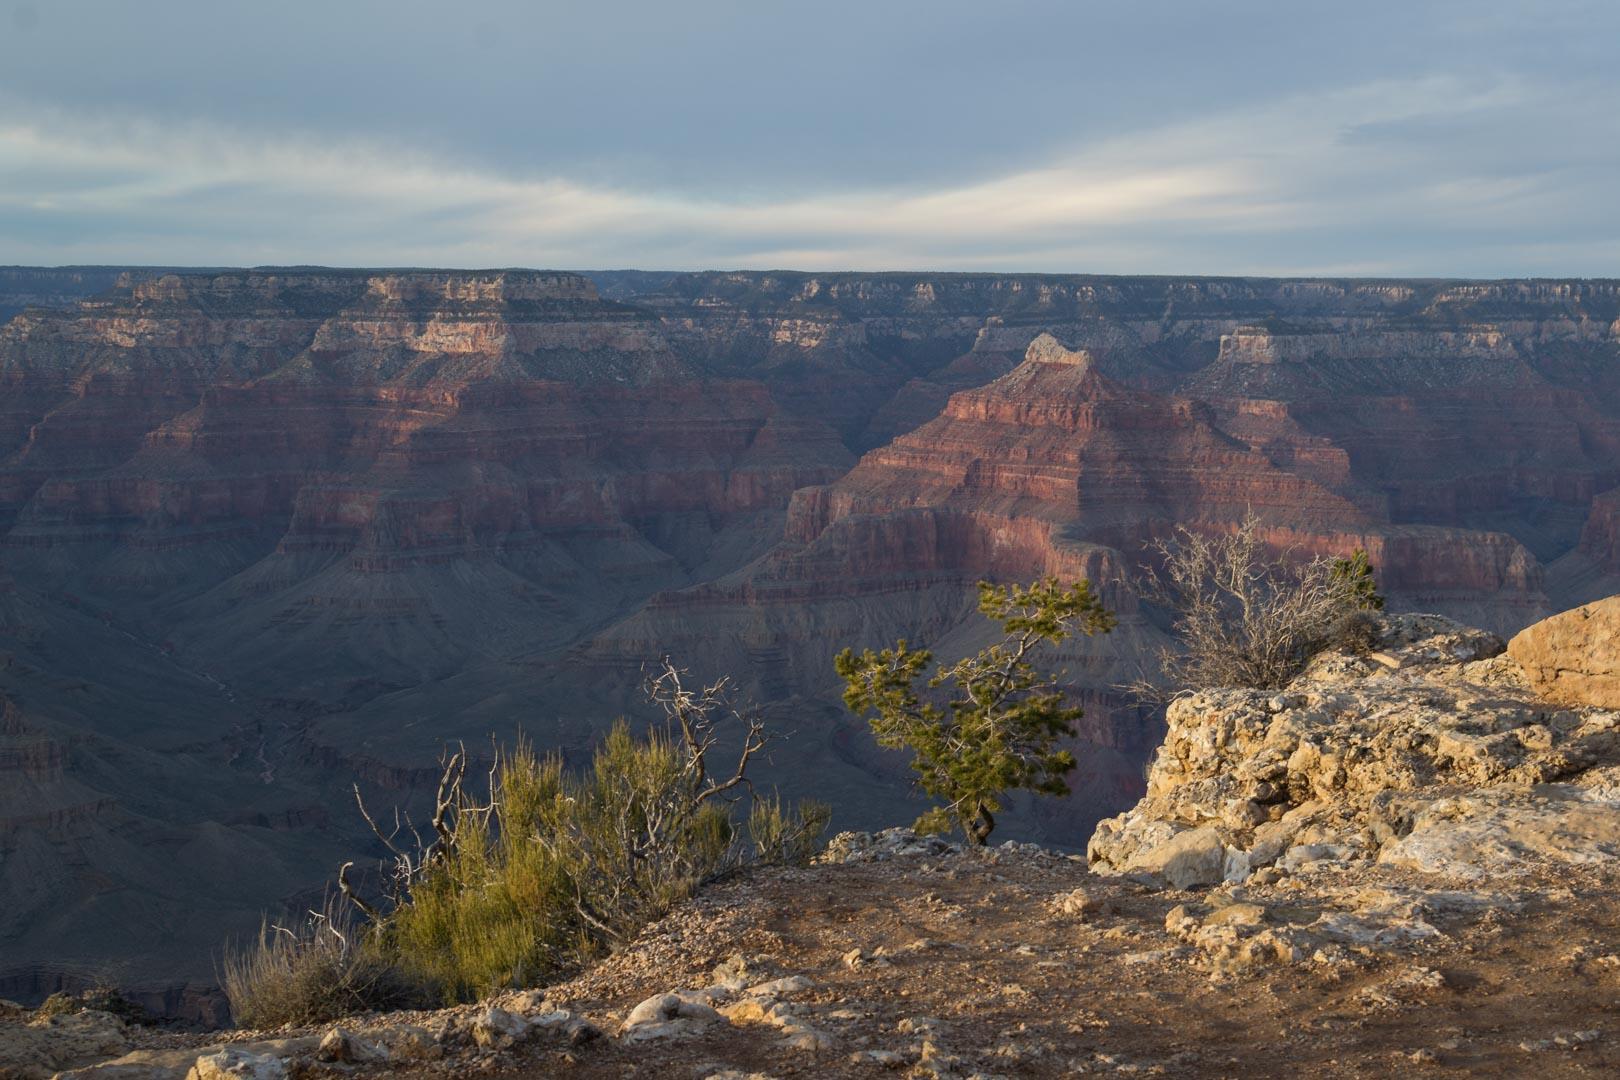 Posé sur un rocher devant l'immensité du canyon